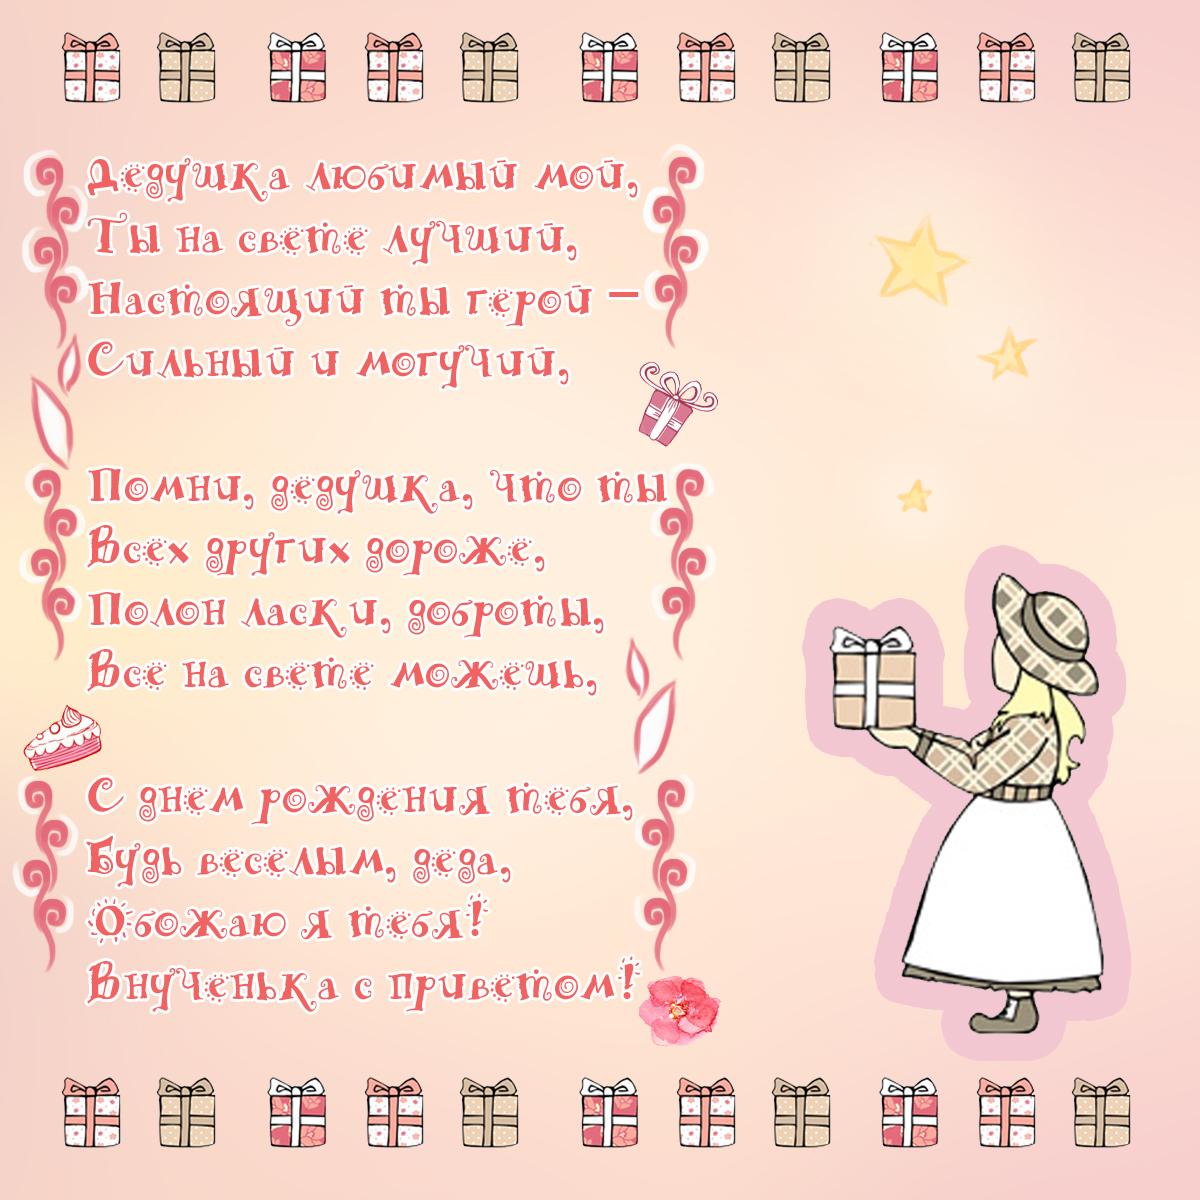 Короткий стих поздравление дедушке с днем рождения от внучки